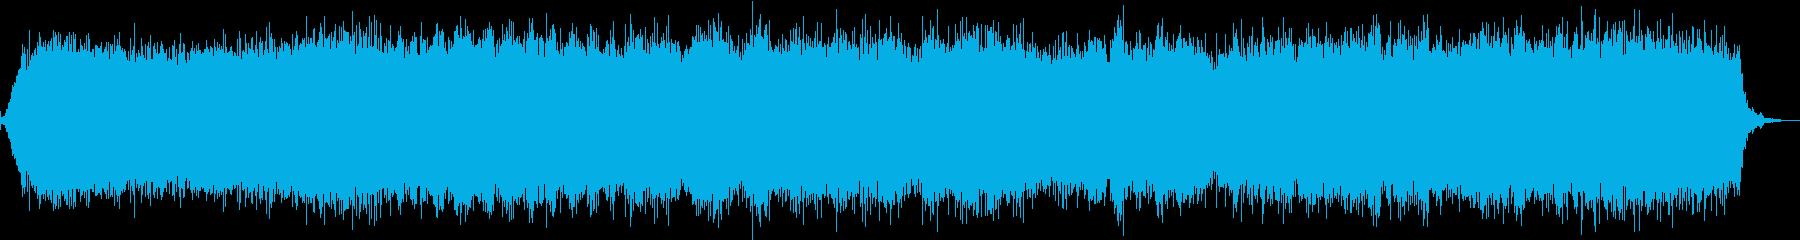 【生録音】ヘアドライヤーの音 ワイドの再生済みの波形